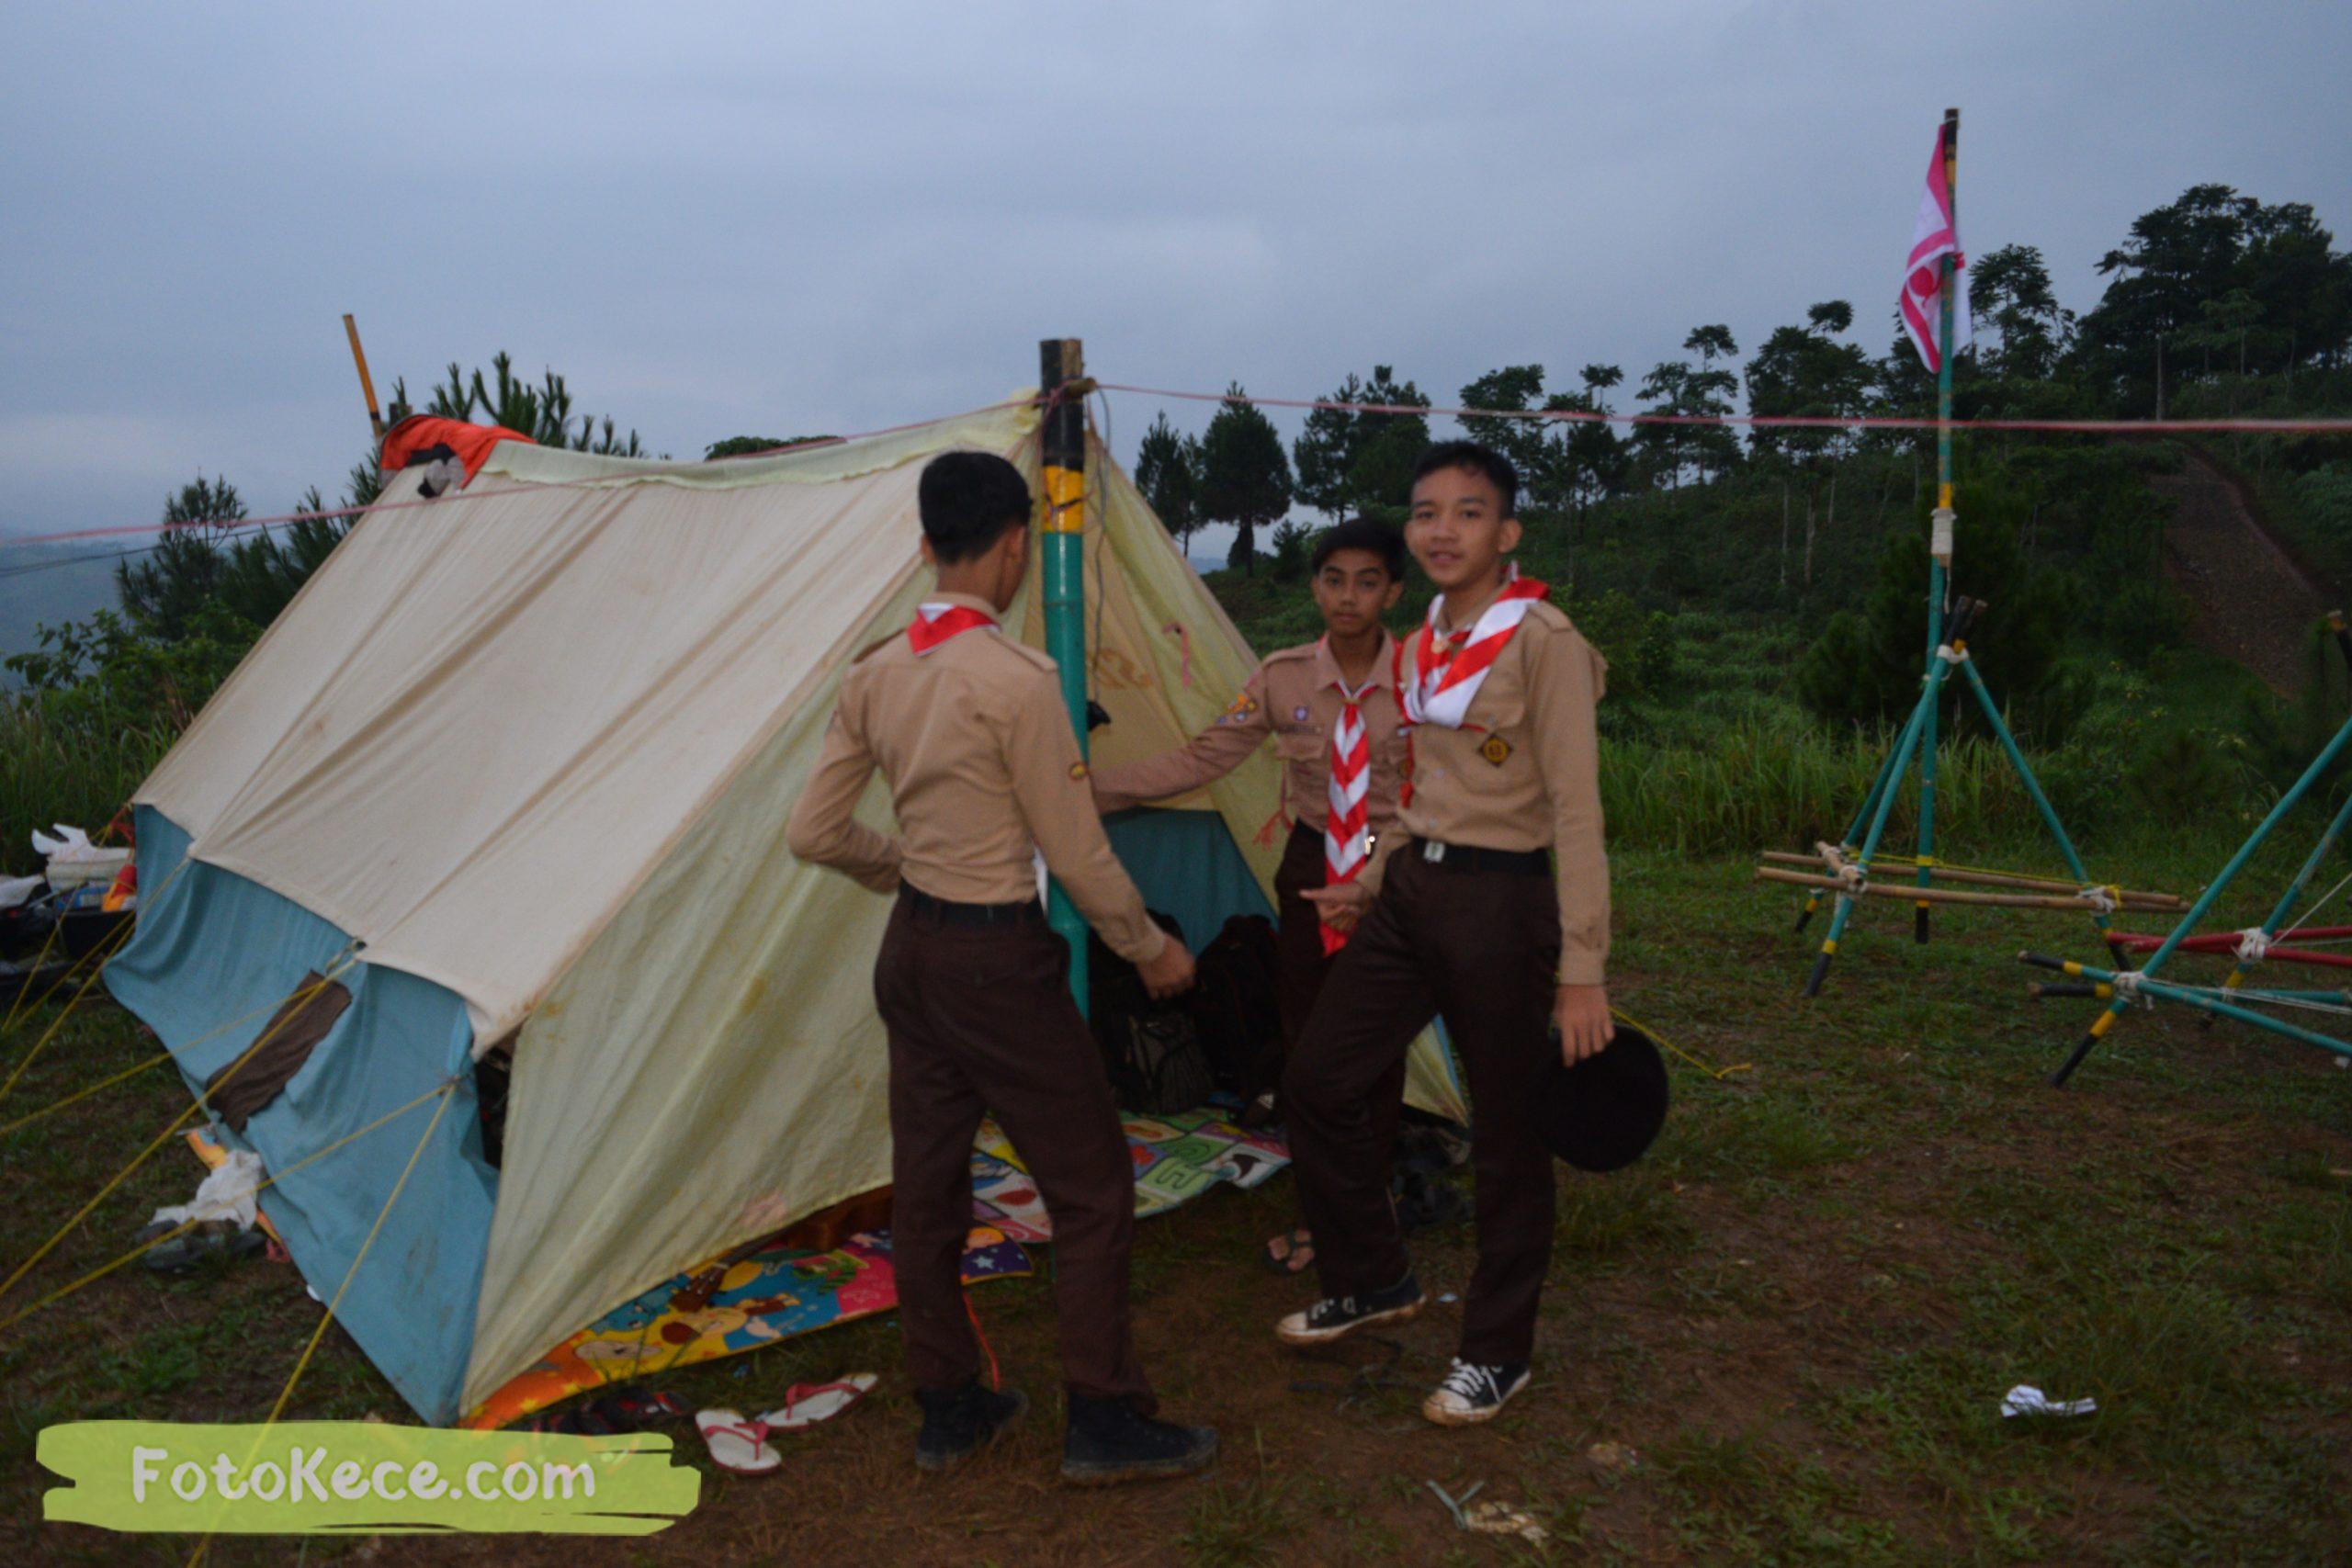 kegiatan sore malam perkemahan narakarya 1 mtsn 2 sukabumi 24 25 januari 2020 pramuka hebat puncak buluh foto kece 8 scaled